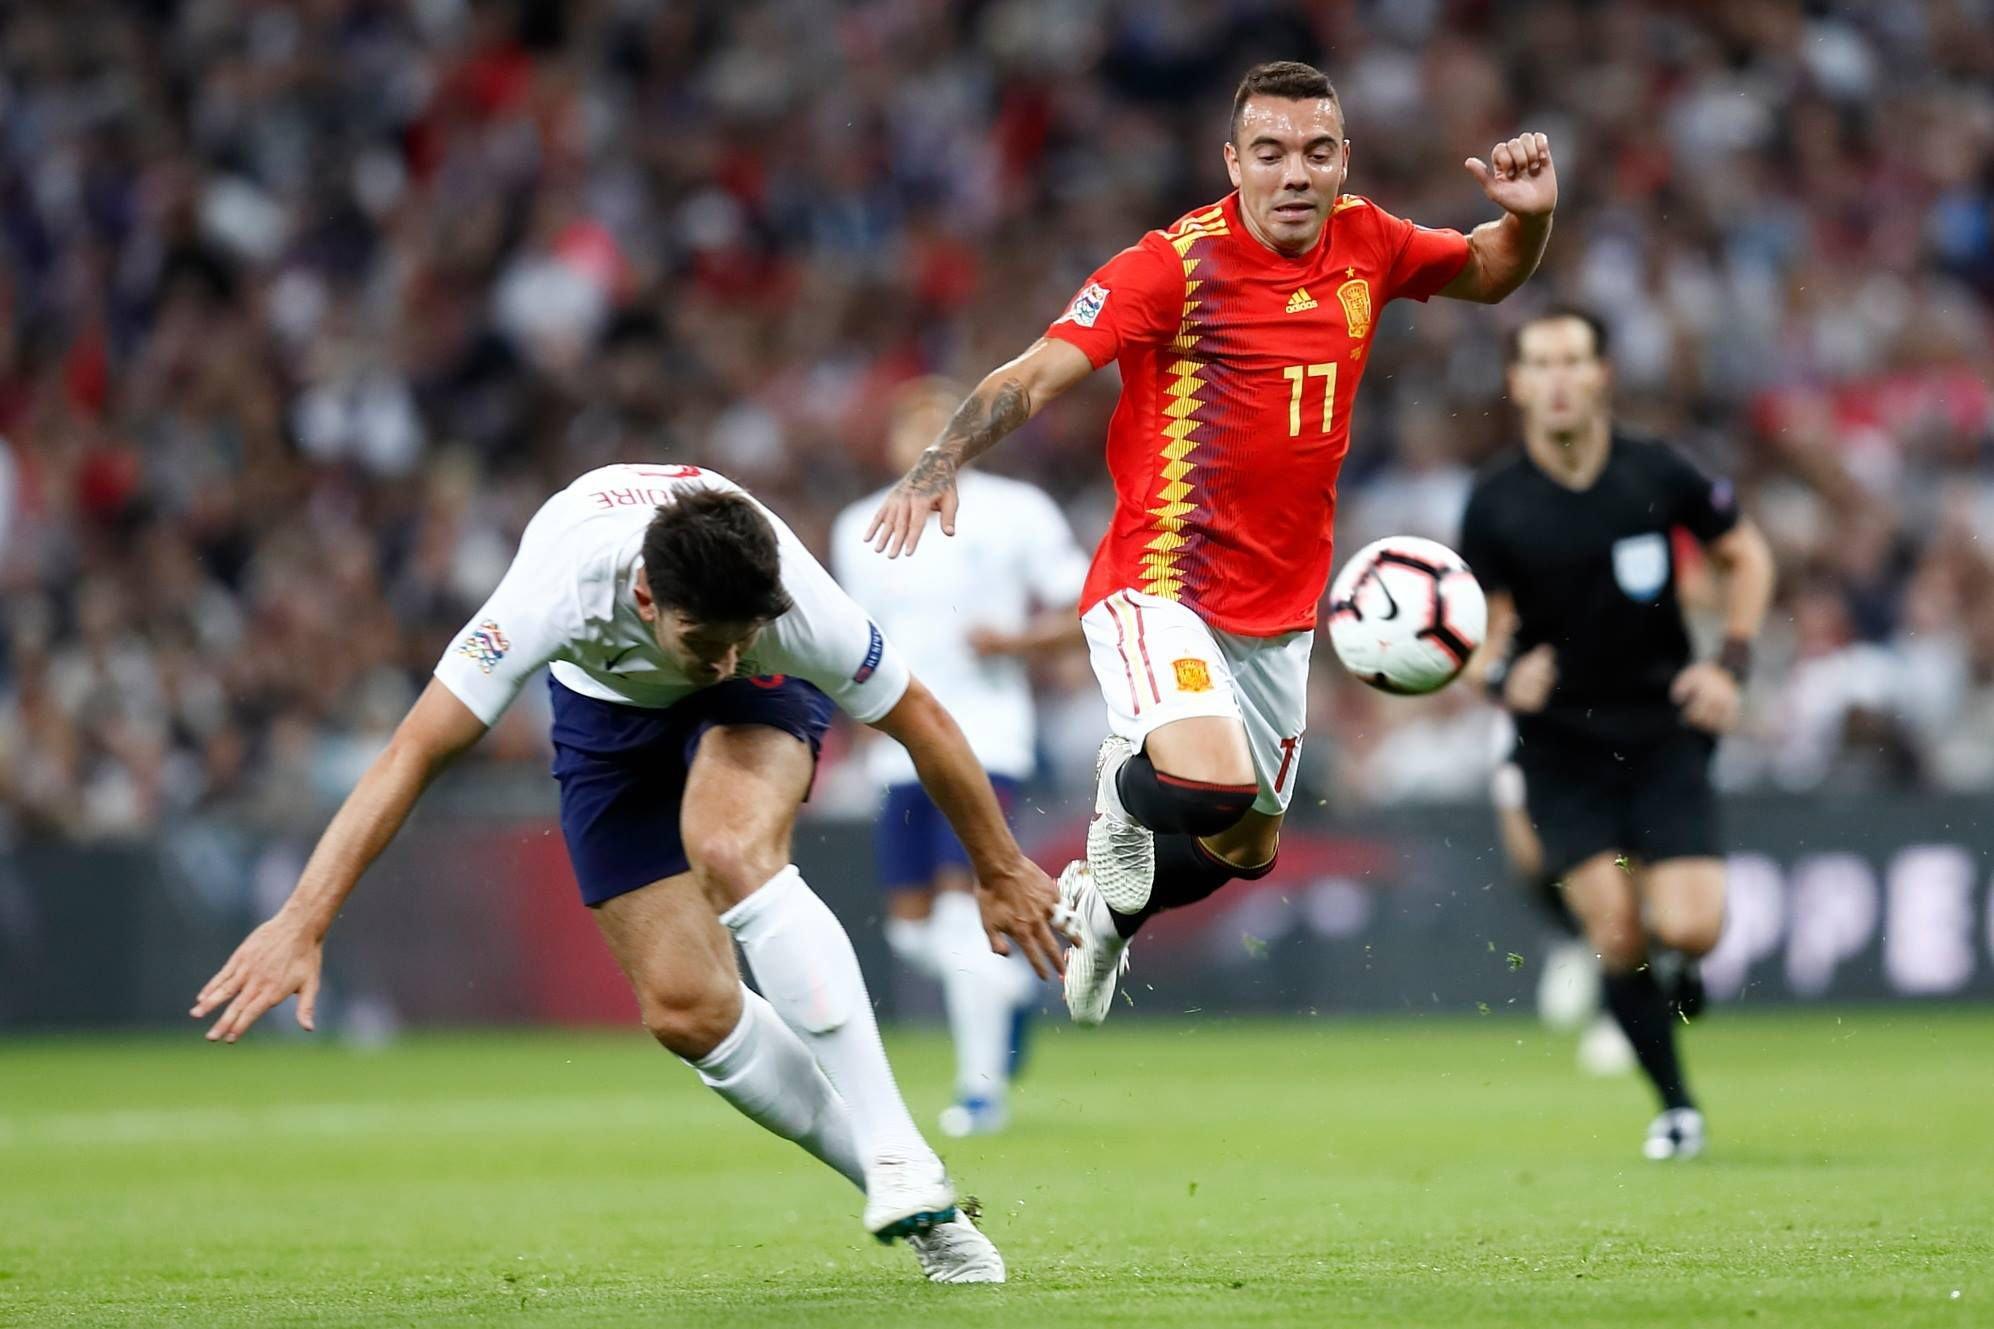 LIGA DE NACIONES - España golea 6-0 a Croacia